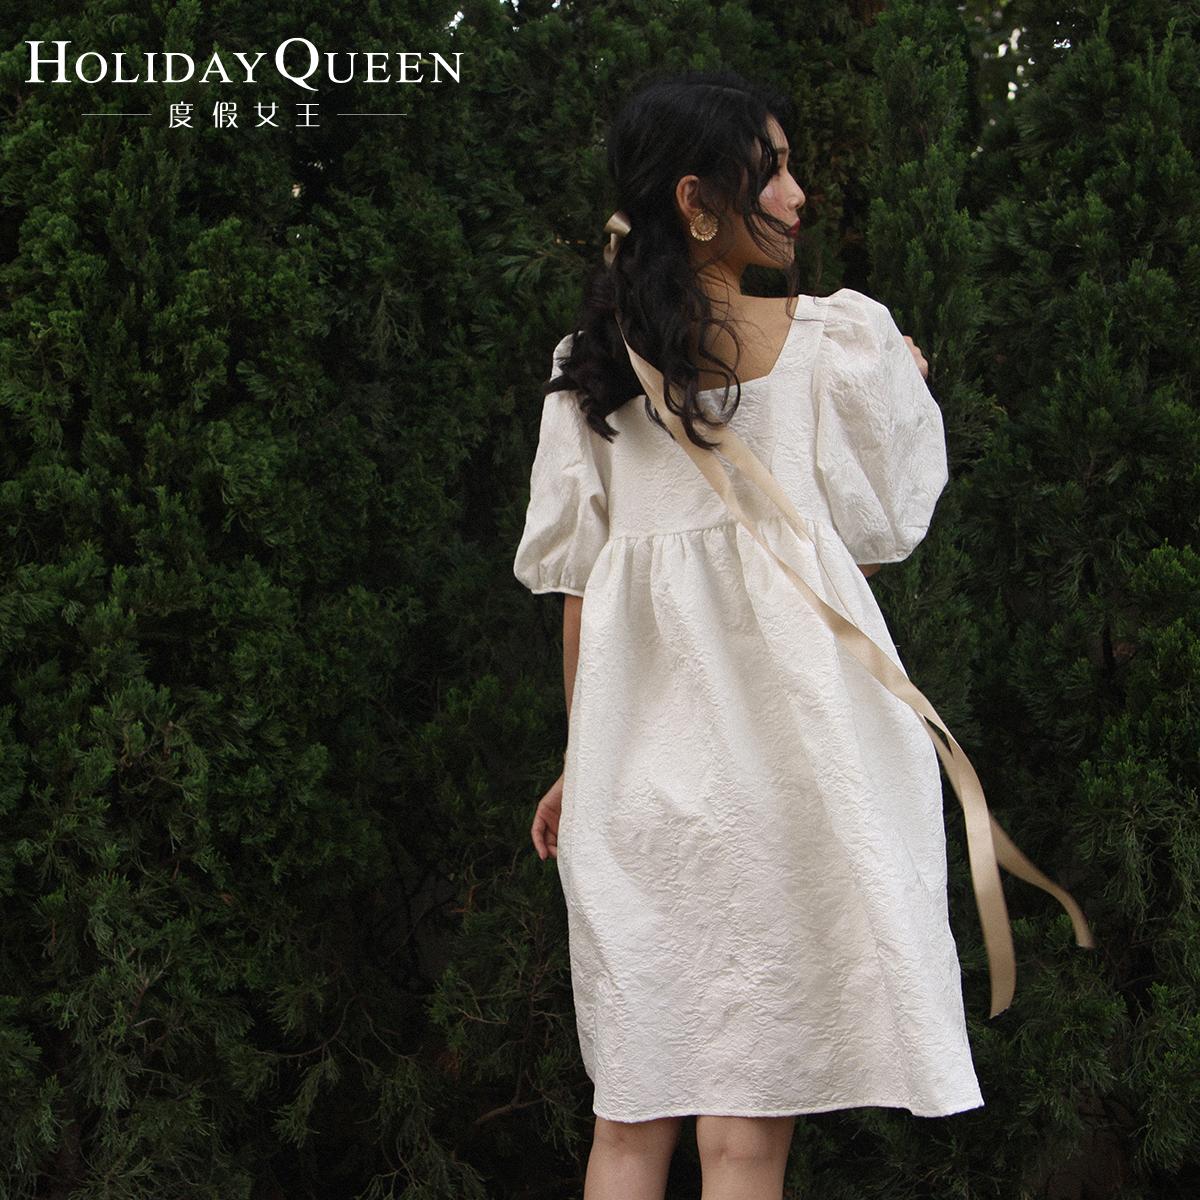 艾格连衣裙 方领泡泡袖娃娃裙甜美复古时尚度假沙滩裙新款女装 蓬蓬袖连衣裙_推荐淘宝好看的艾格连衣裙